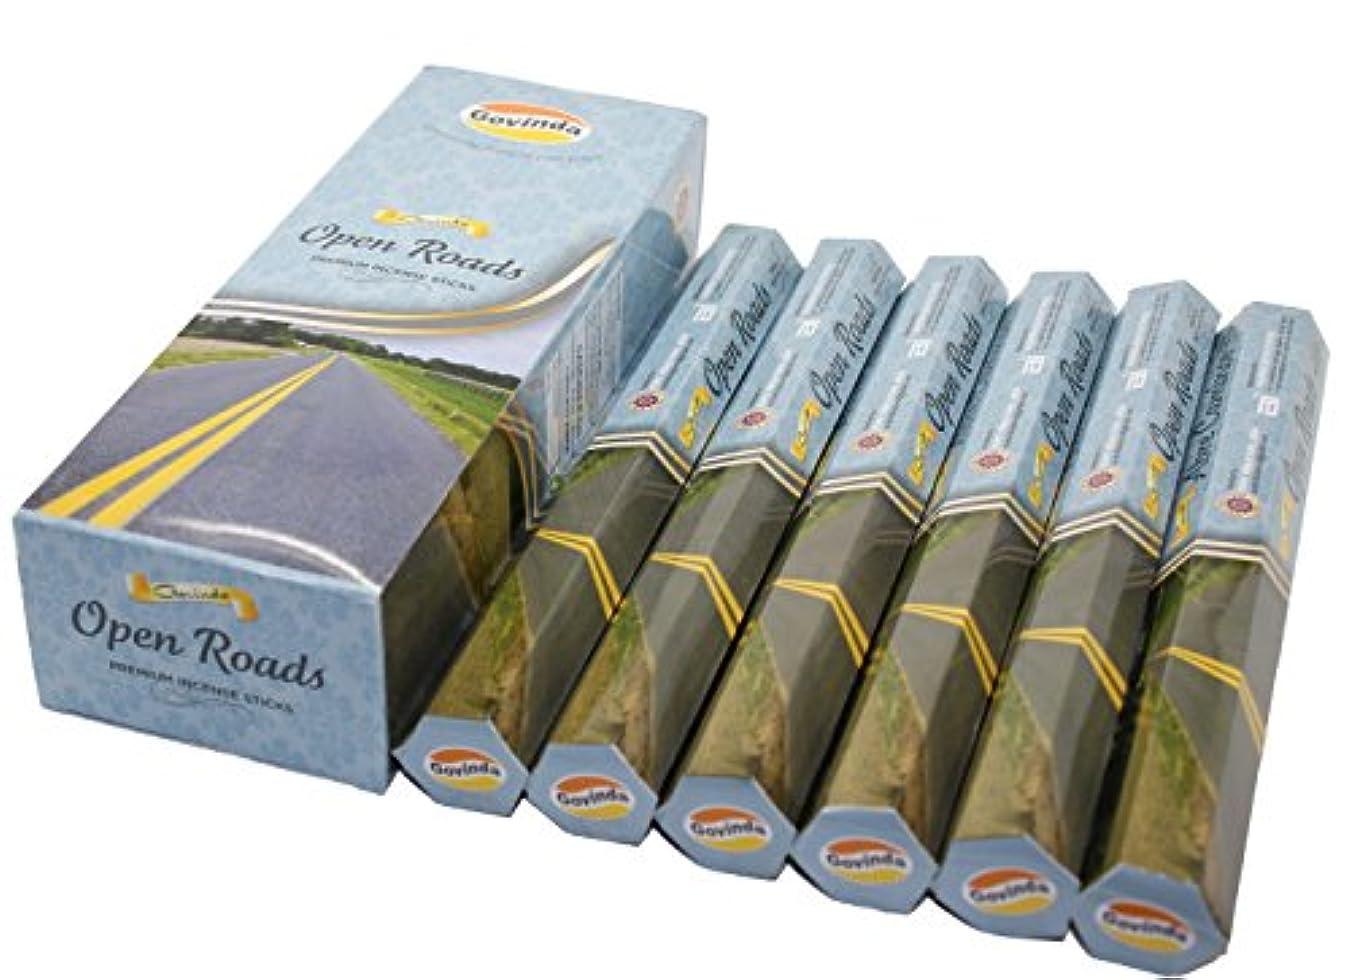 変換道を作る悪いGovinda ® Incense – Open Roads – 120 Incense Sticks、プレミアムIncense、Masalaコーティング